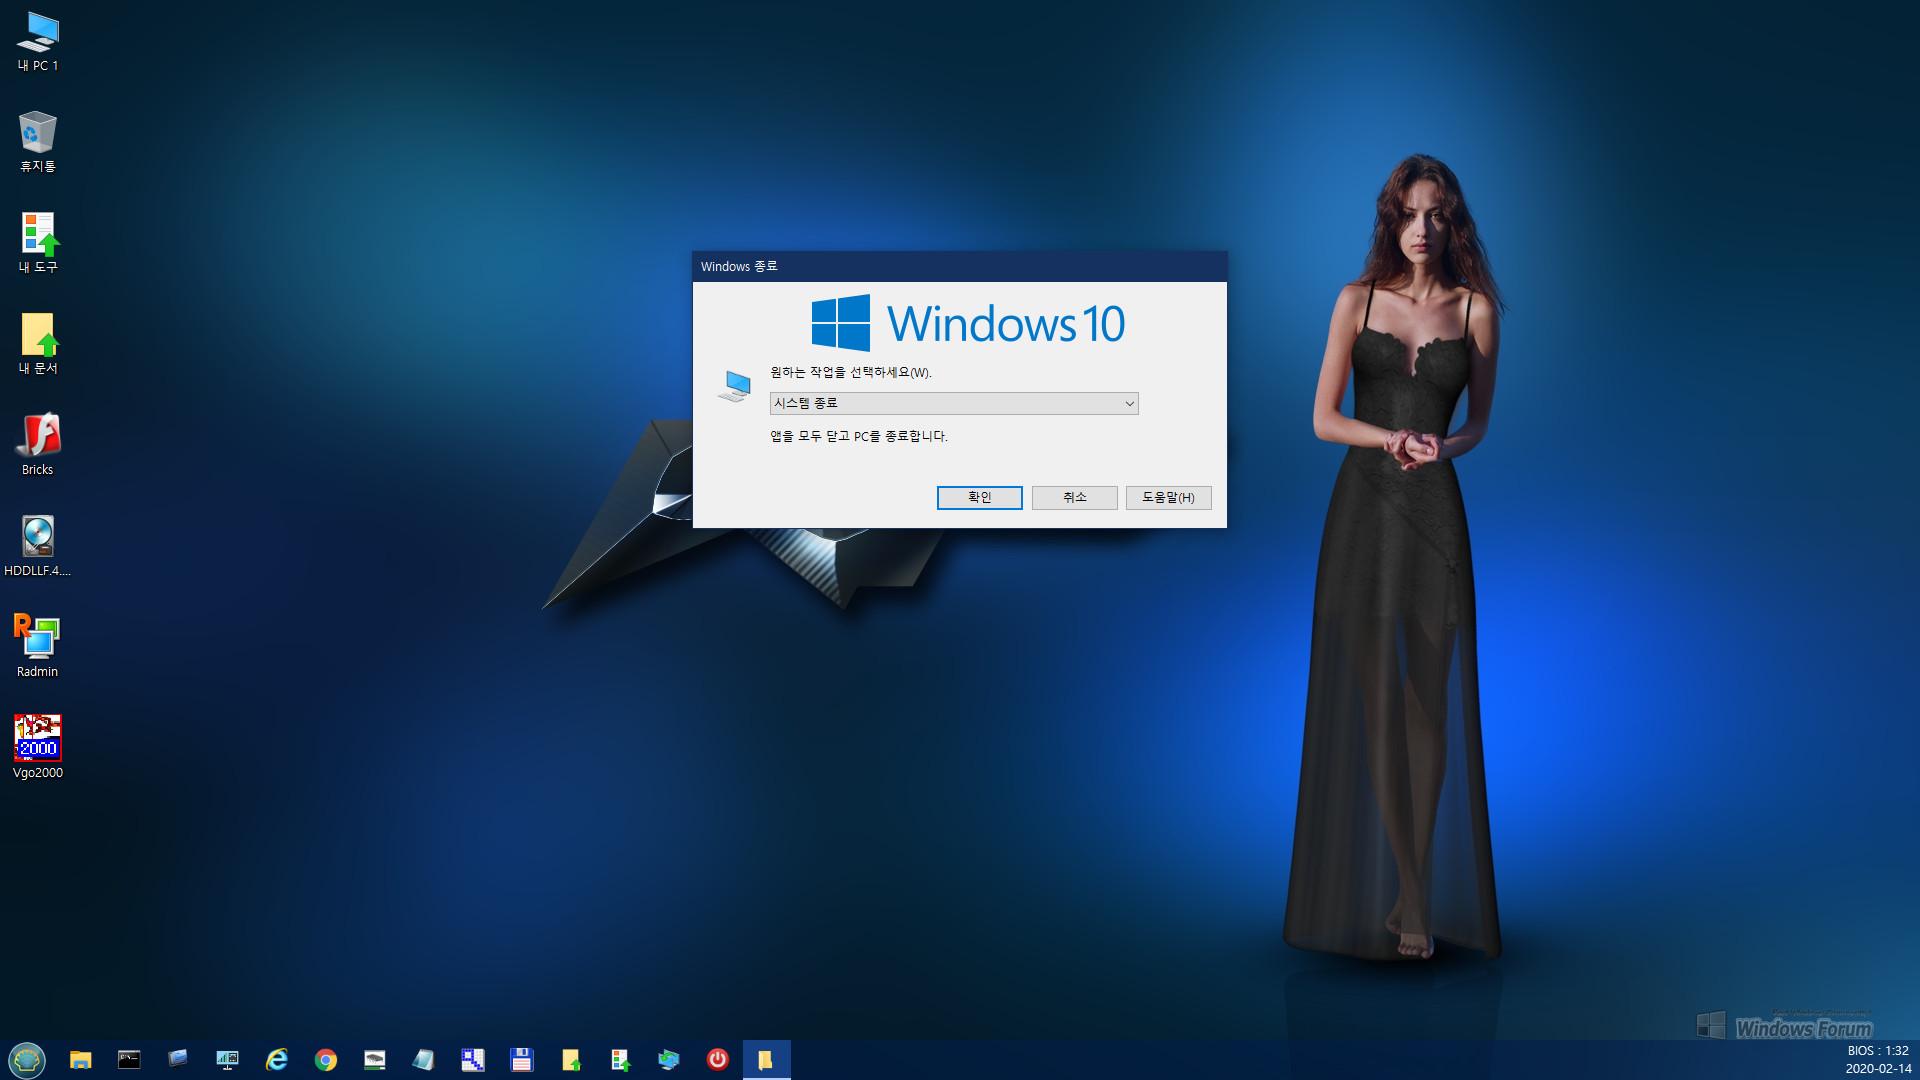 Win10XPE24_x64_18363.387_0010-00.jpg